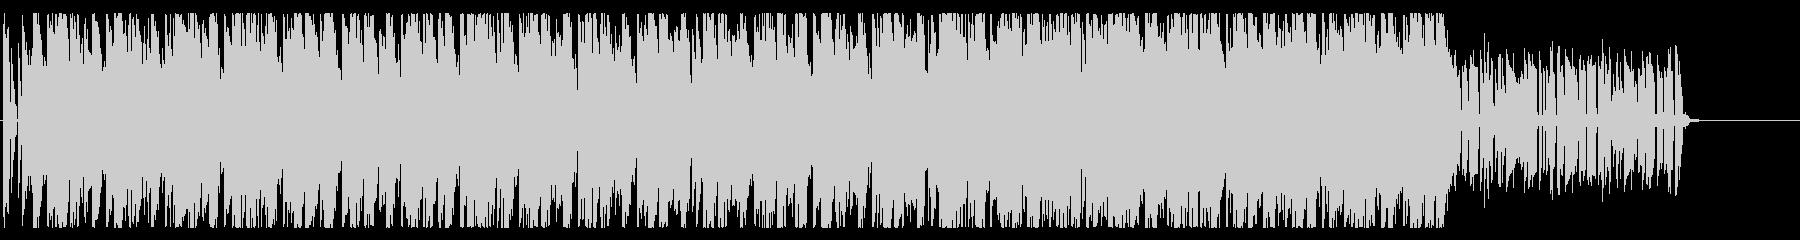 チャイナ感のあるポップの未再生の波形